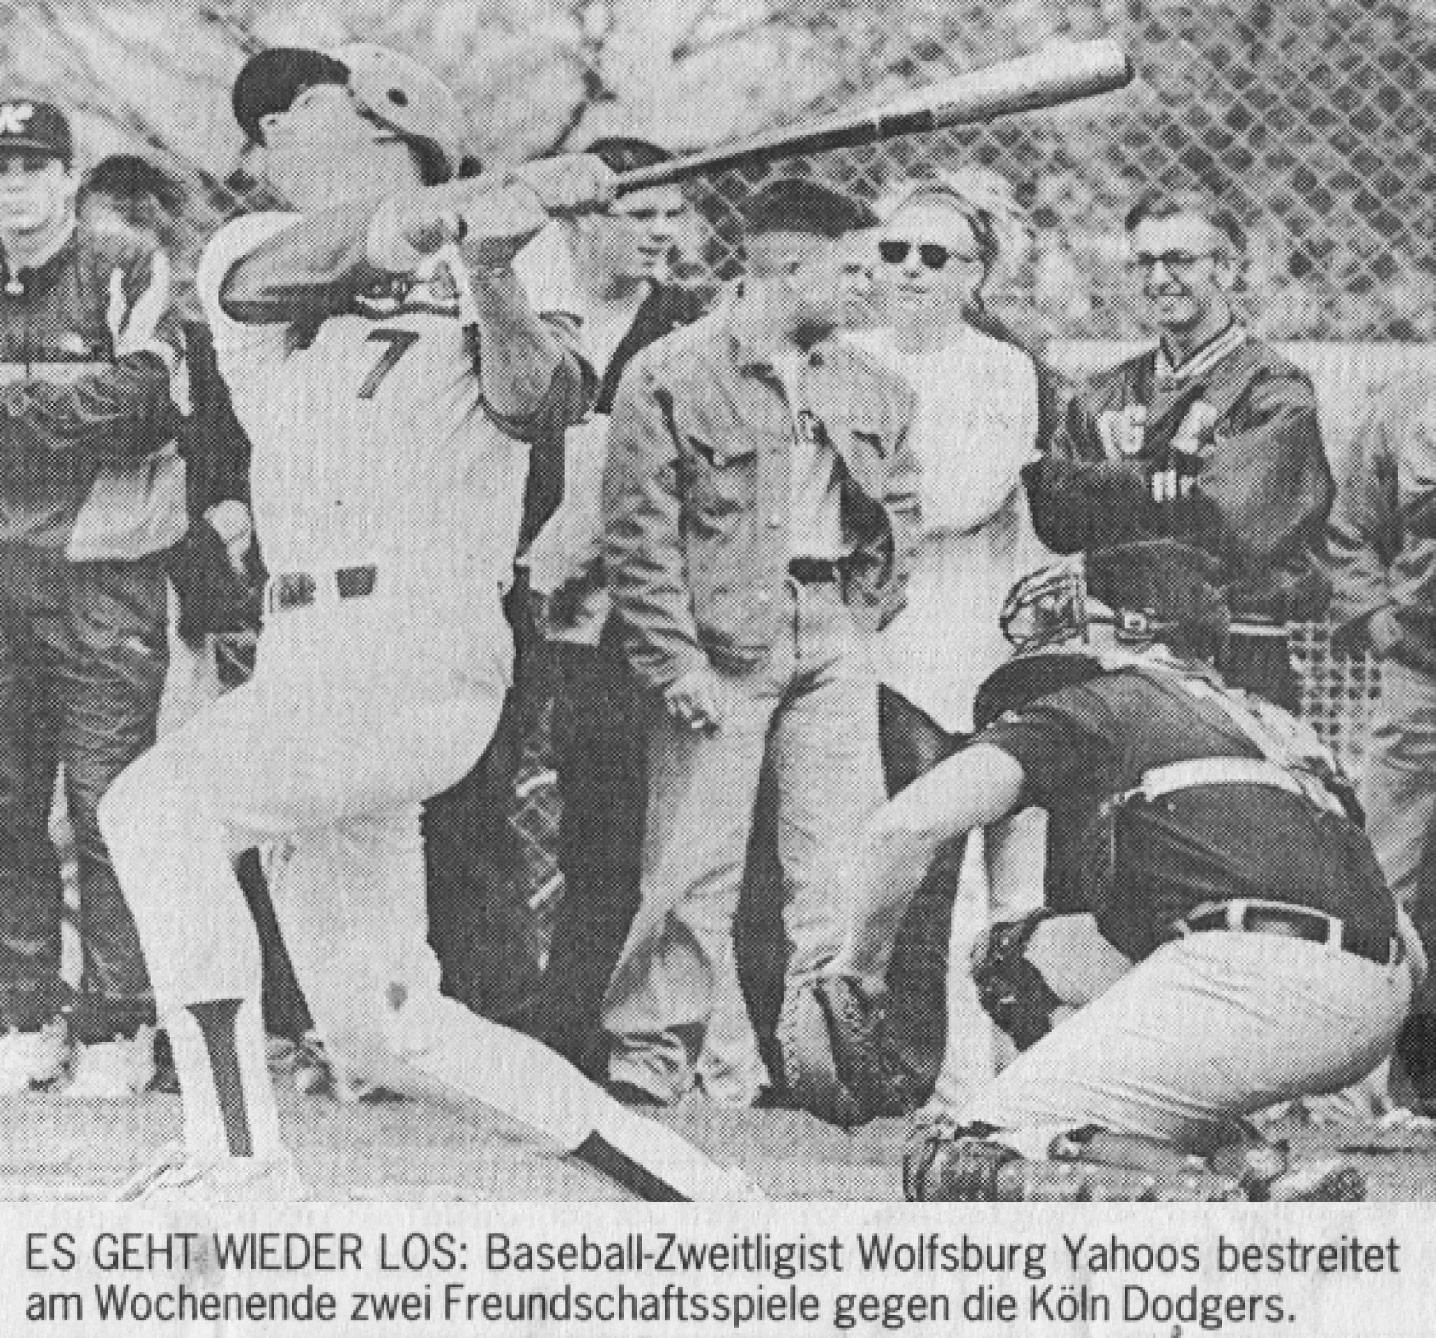 ES GEHT WIEDER LOS: Baseball-Zweitligist Wolfsburg Yahoos bestreitet am Wochenende zwei Freundschaftsspiele gegen die Köln Dodgers.